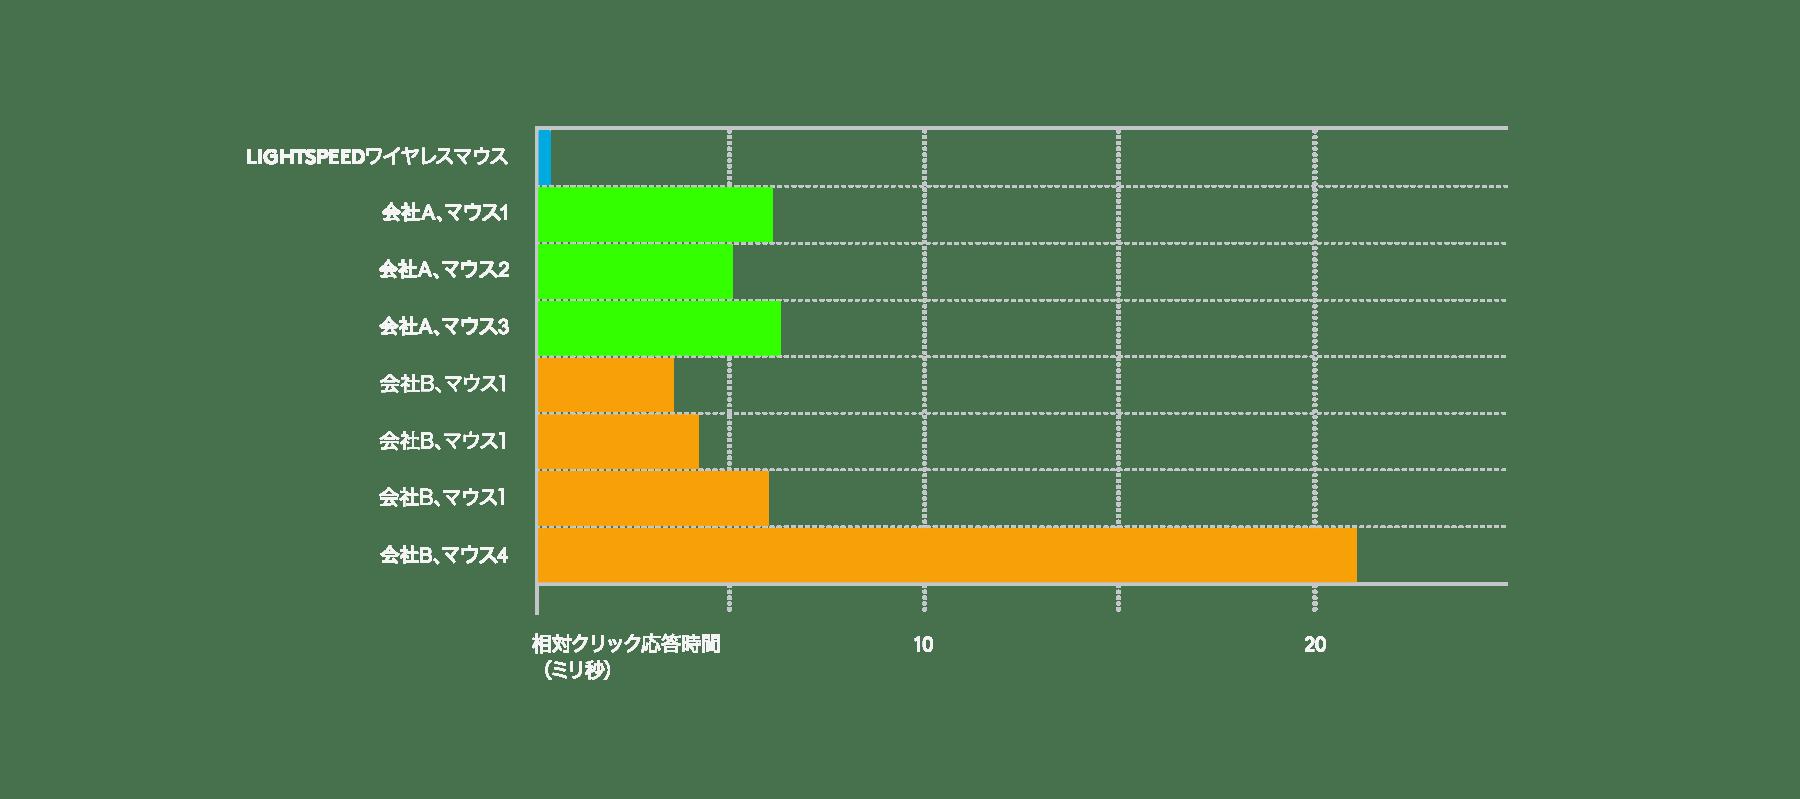 LIGHTSPEEDワイヤレス テクノロジーが競合製品よりも高速であることを示した表